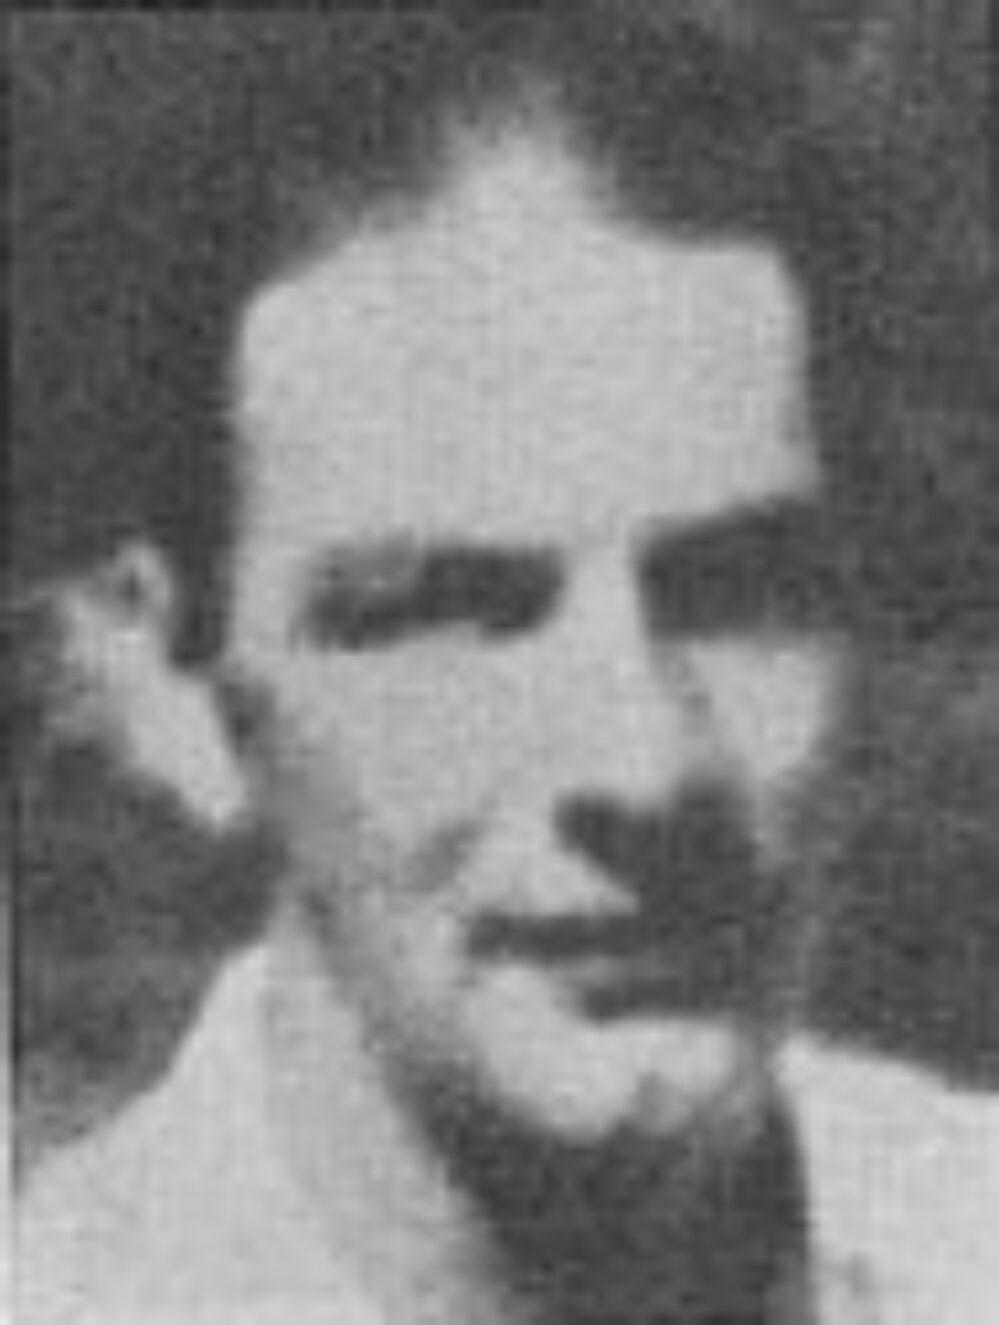 Fritz Johan Olsen